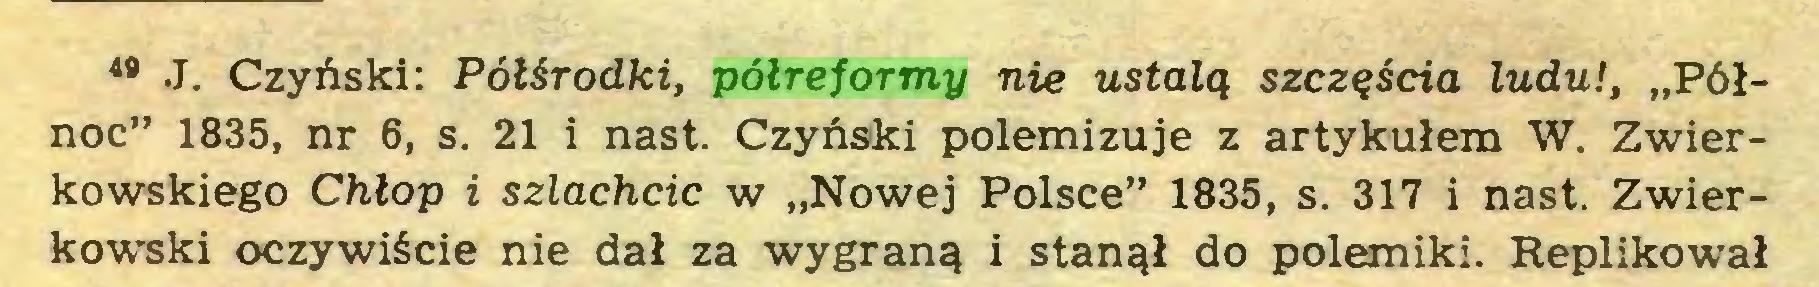 """(...) 49 J. Czyński: Półśrodki, półreformy nie ustalą szczęścia ludu!, """"Północ"""" 1835, nr 6, s. 21 i nast. Czyński polemizuje z artykułem W. Zwierkowskiego Chłop i szlachcic w """"Nowej Polsce"""" 1835, s. 317 i nast. Zwierkowski oczywiście nie dał za wygraną i stanął do polemiki. Replikował..."""